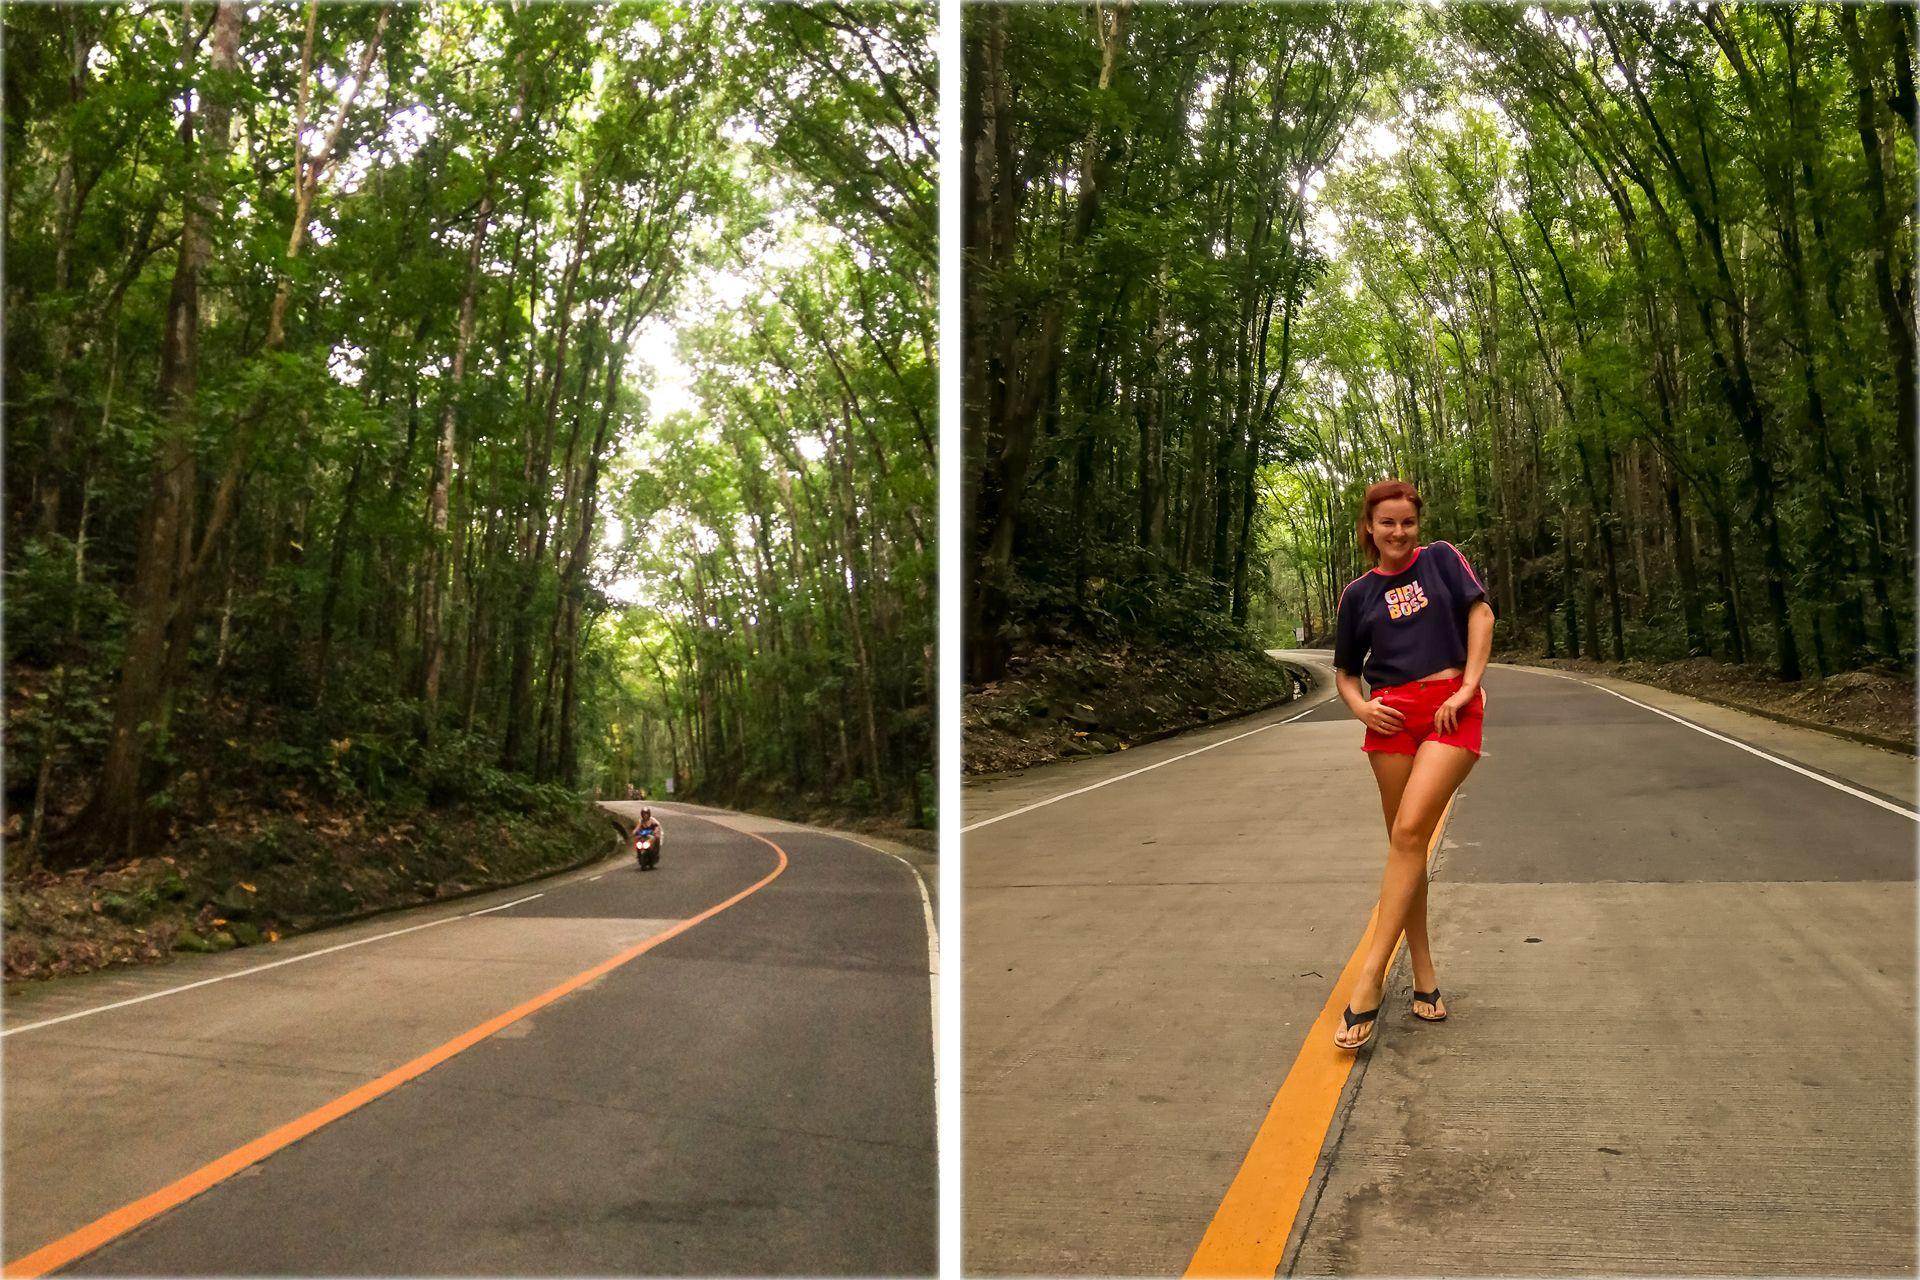 Филиппины, Бохол, Панглао, Бохол экскурсии, Бохол что посмотреть, Бохол долгопяты, Бохол тарсиеры, Бохол шоколадные холмы, шоколадные холмы, Панглао экскурсии, Панглао что посмотреть, интересные места на Бохоле, тур по Бохолу,